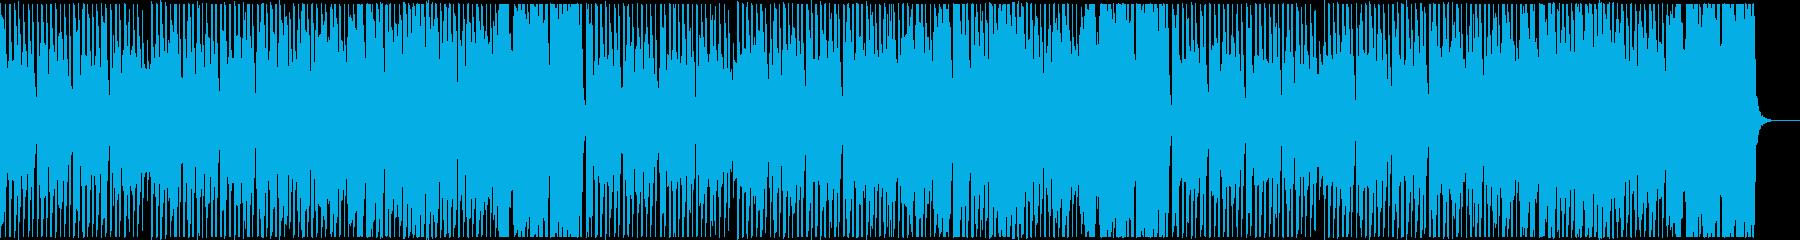 ほのぼのとして元気な曲_タイプAの再生済みの波形